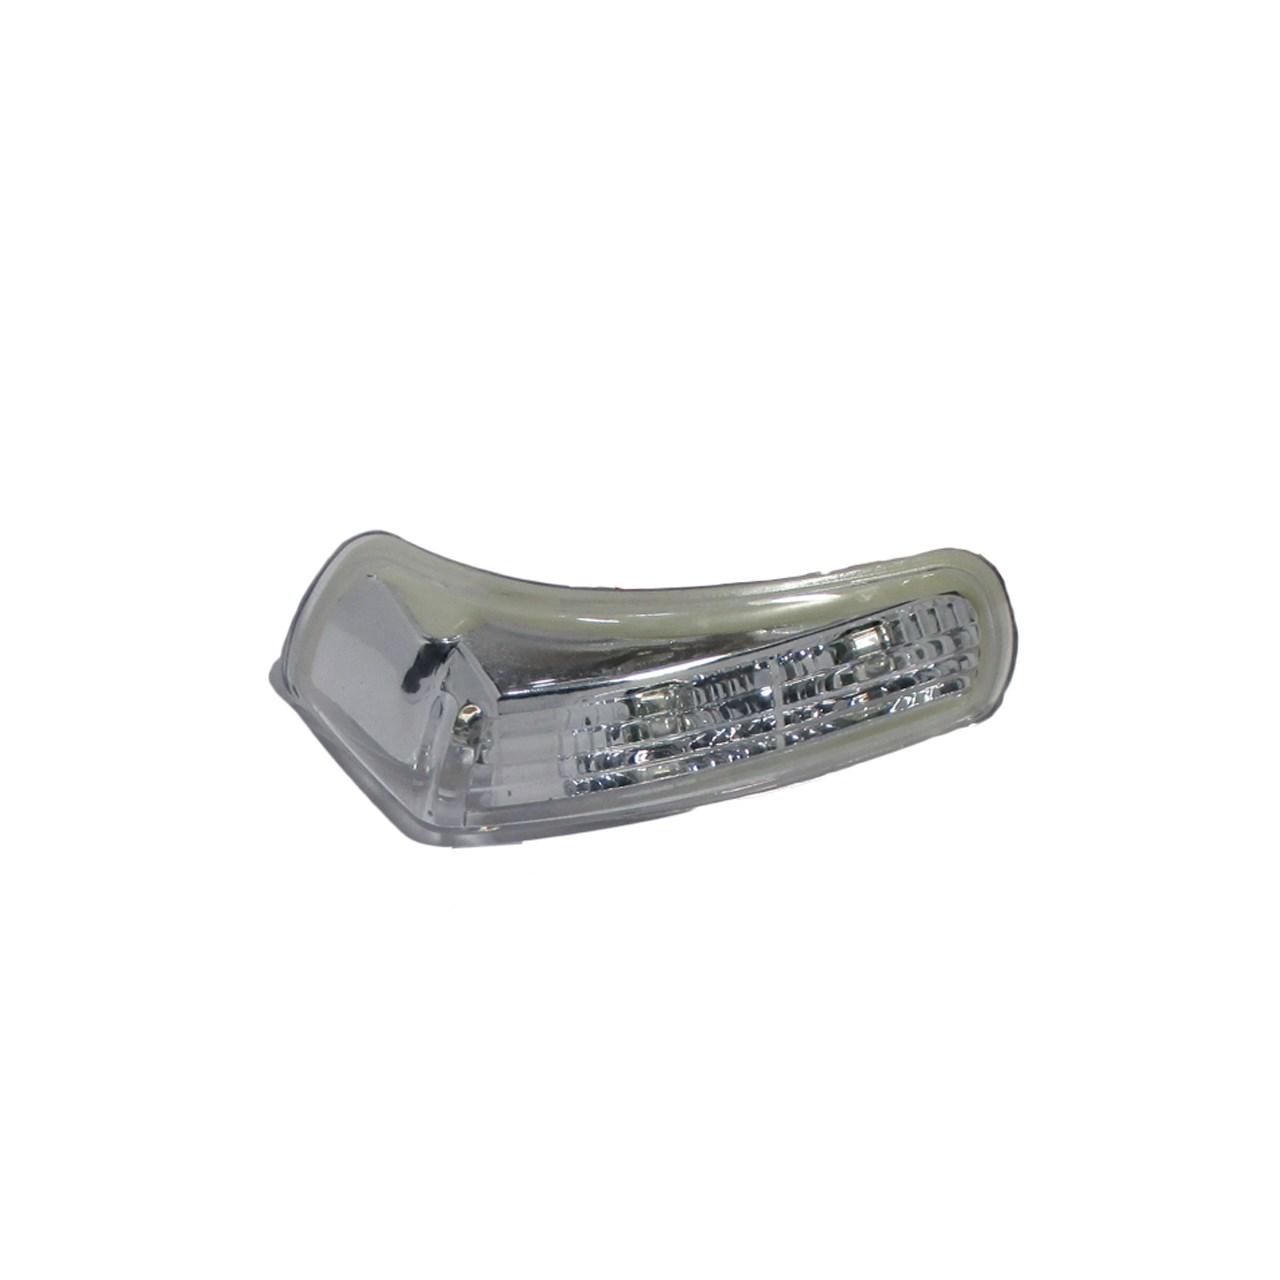 چراغ راهنما آینه چپ جیلی مدل 1068020435